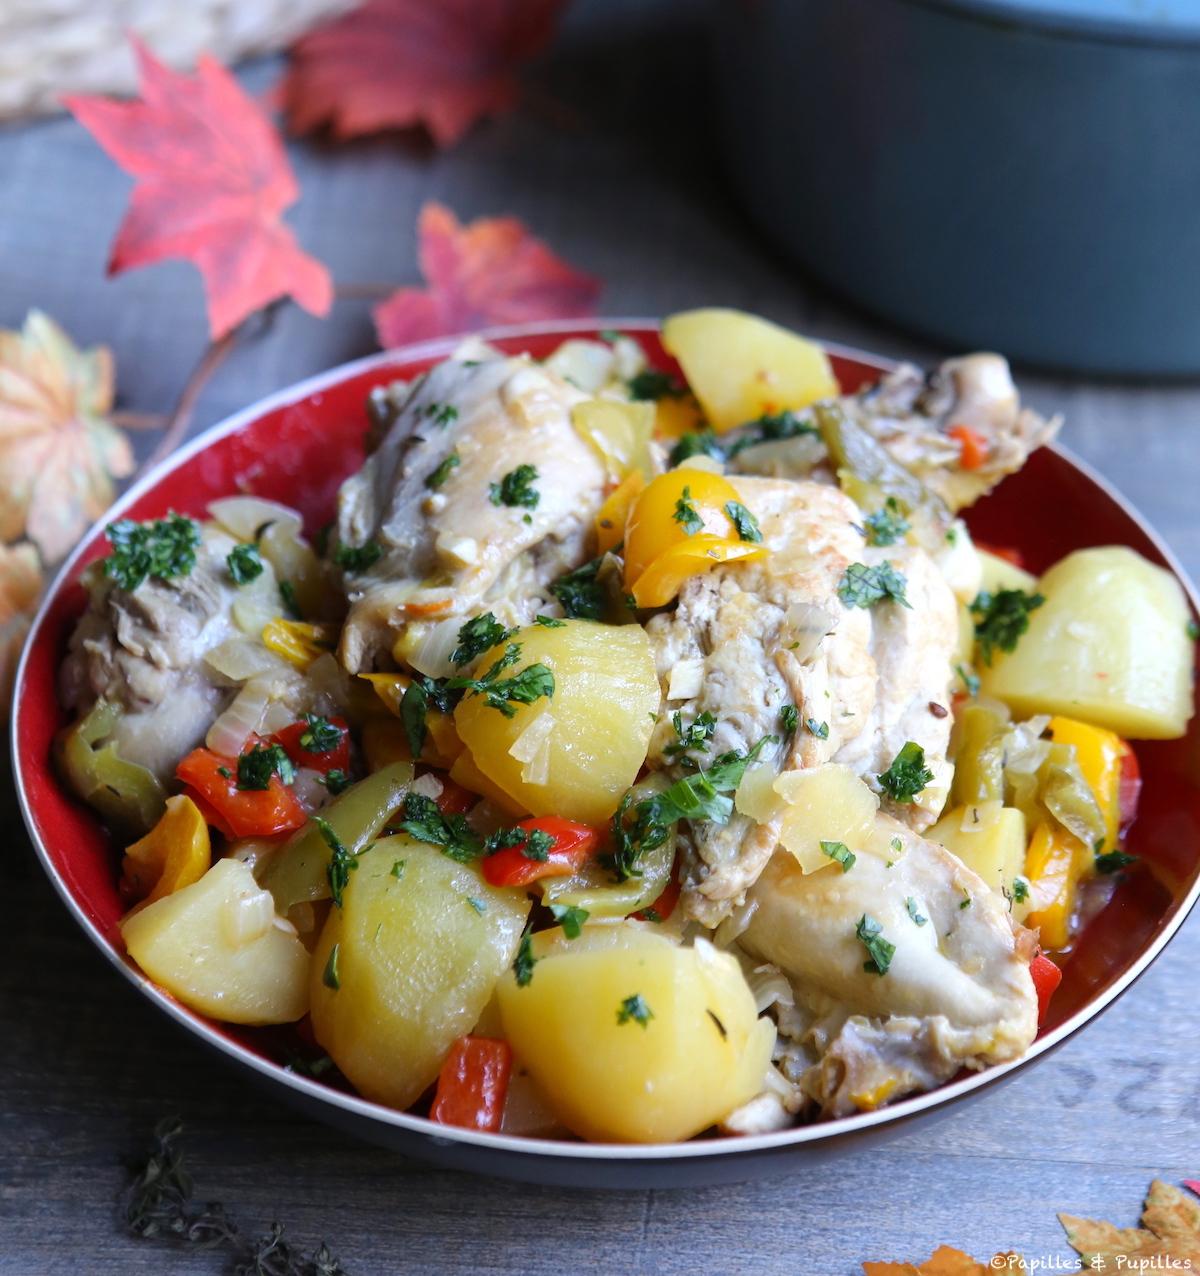 Poulet mijoté aux pommes de terre et poivrons